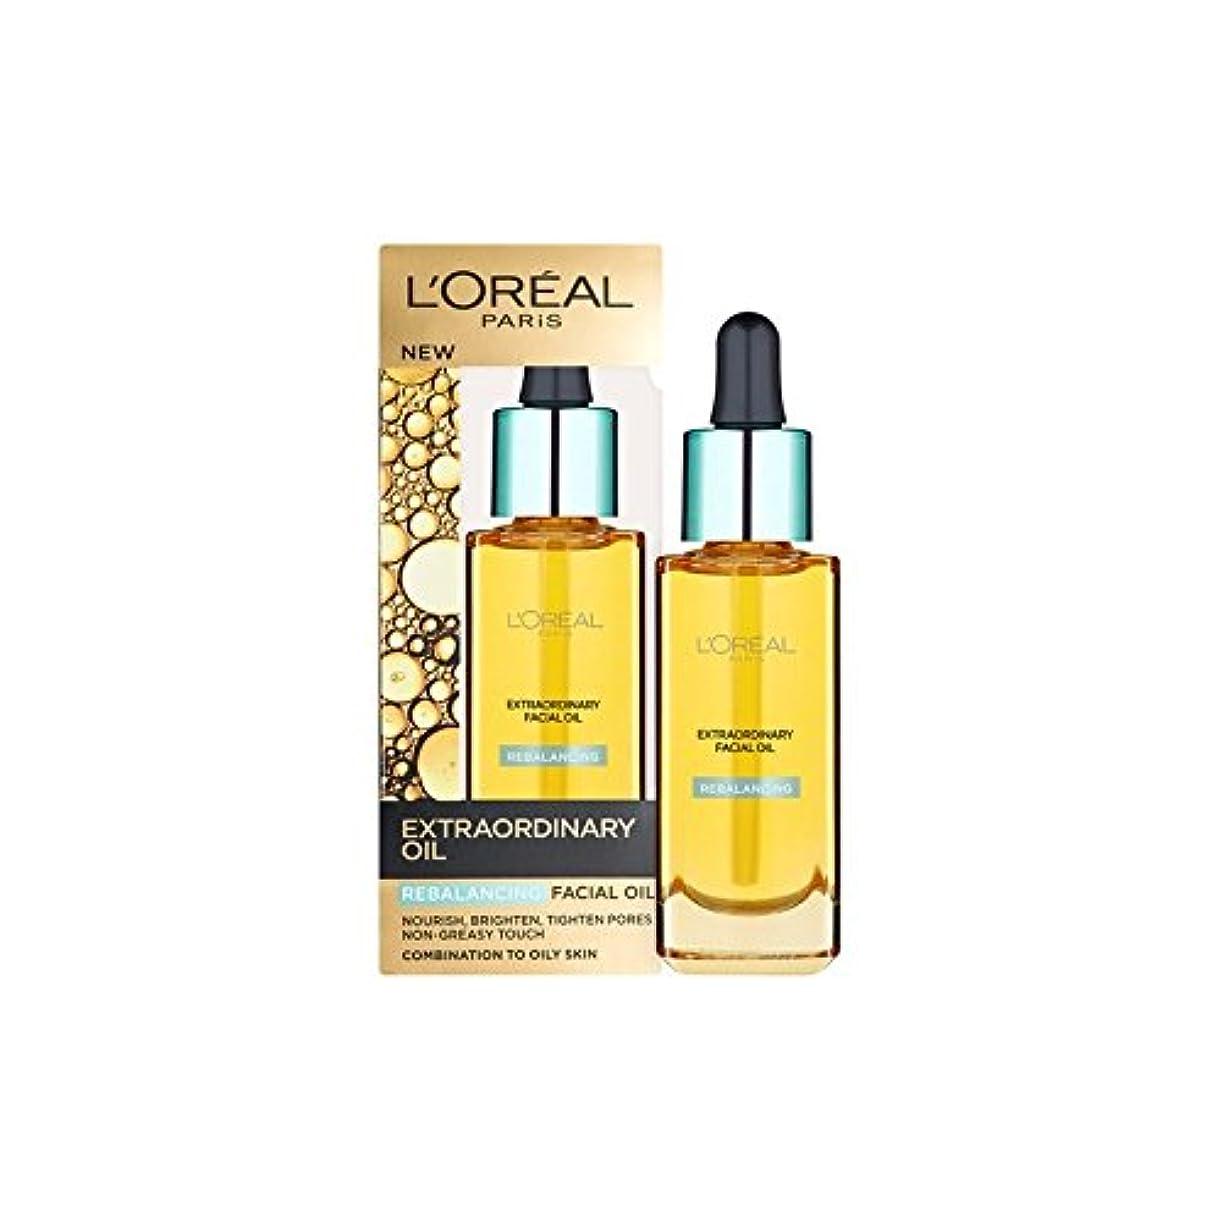 ラフ睡眠コーンスキッパーロレアルパリ臨時リバランスフェイシャルオイル30ミリリットル x4 - L'Oreal Paris Extraordinary Rebalancing Facial Oil 30ml (Pack of 4) [並行輸入品]